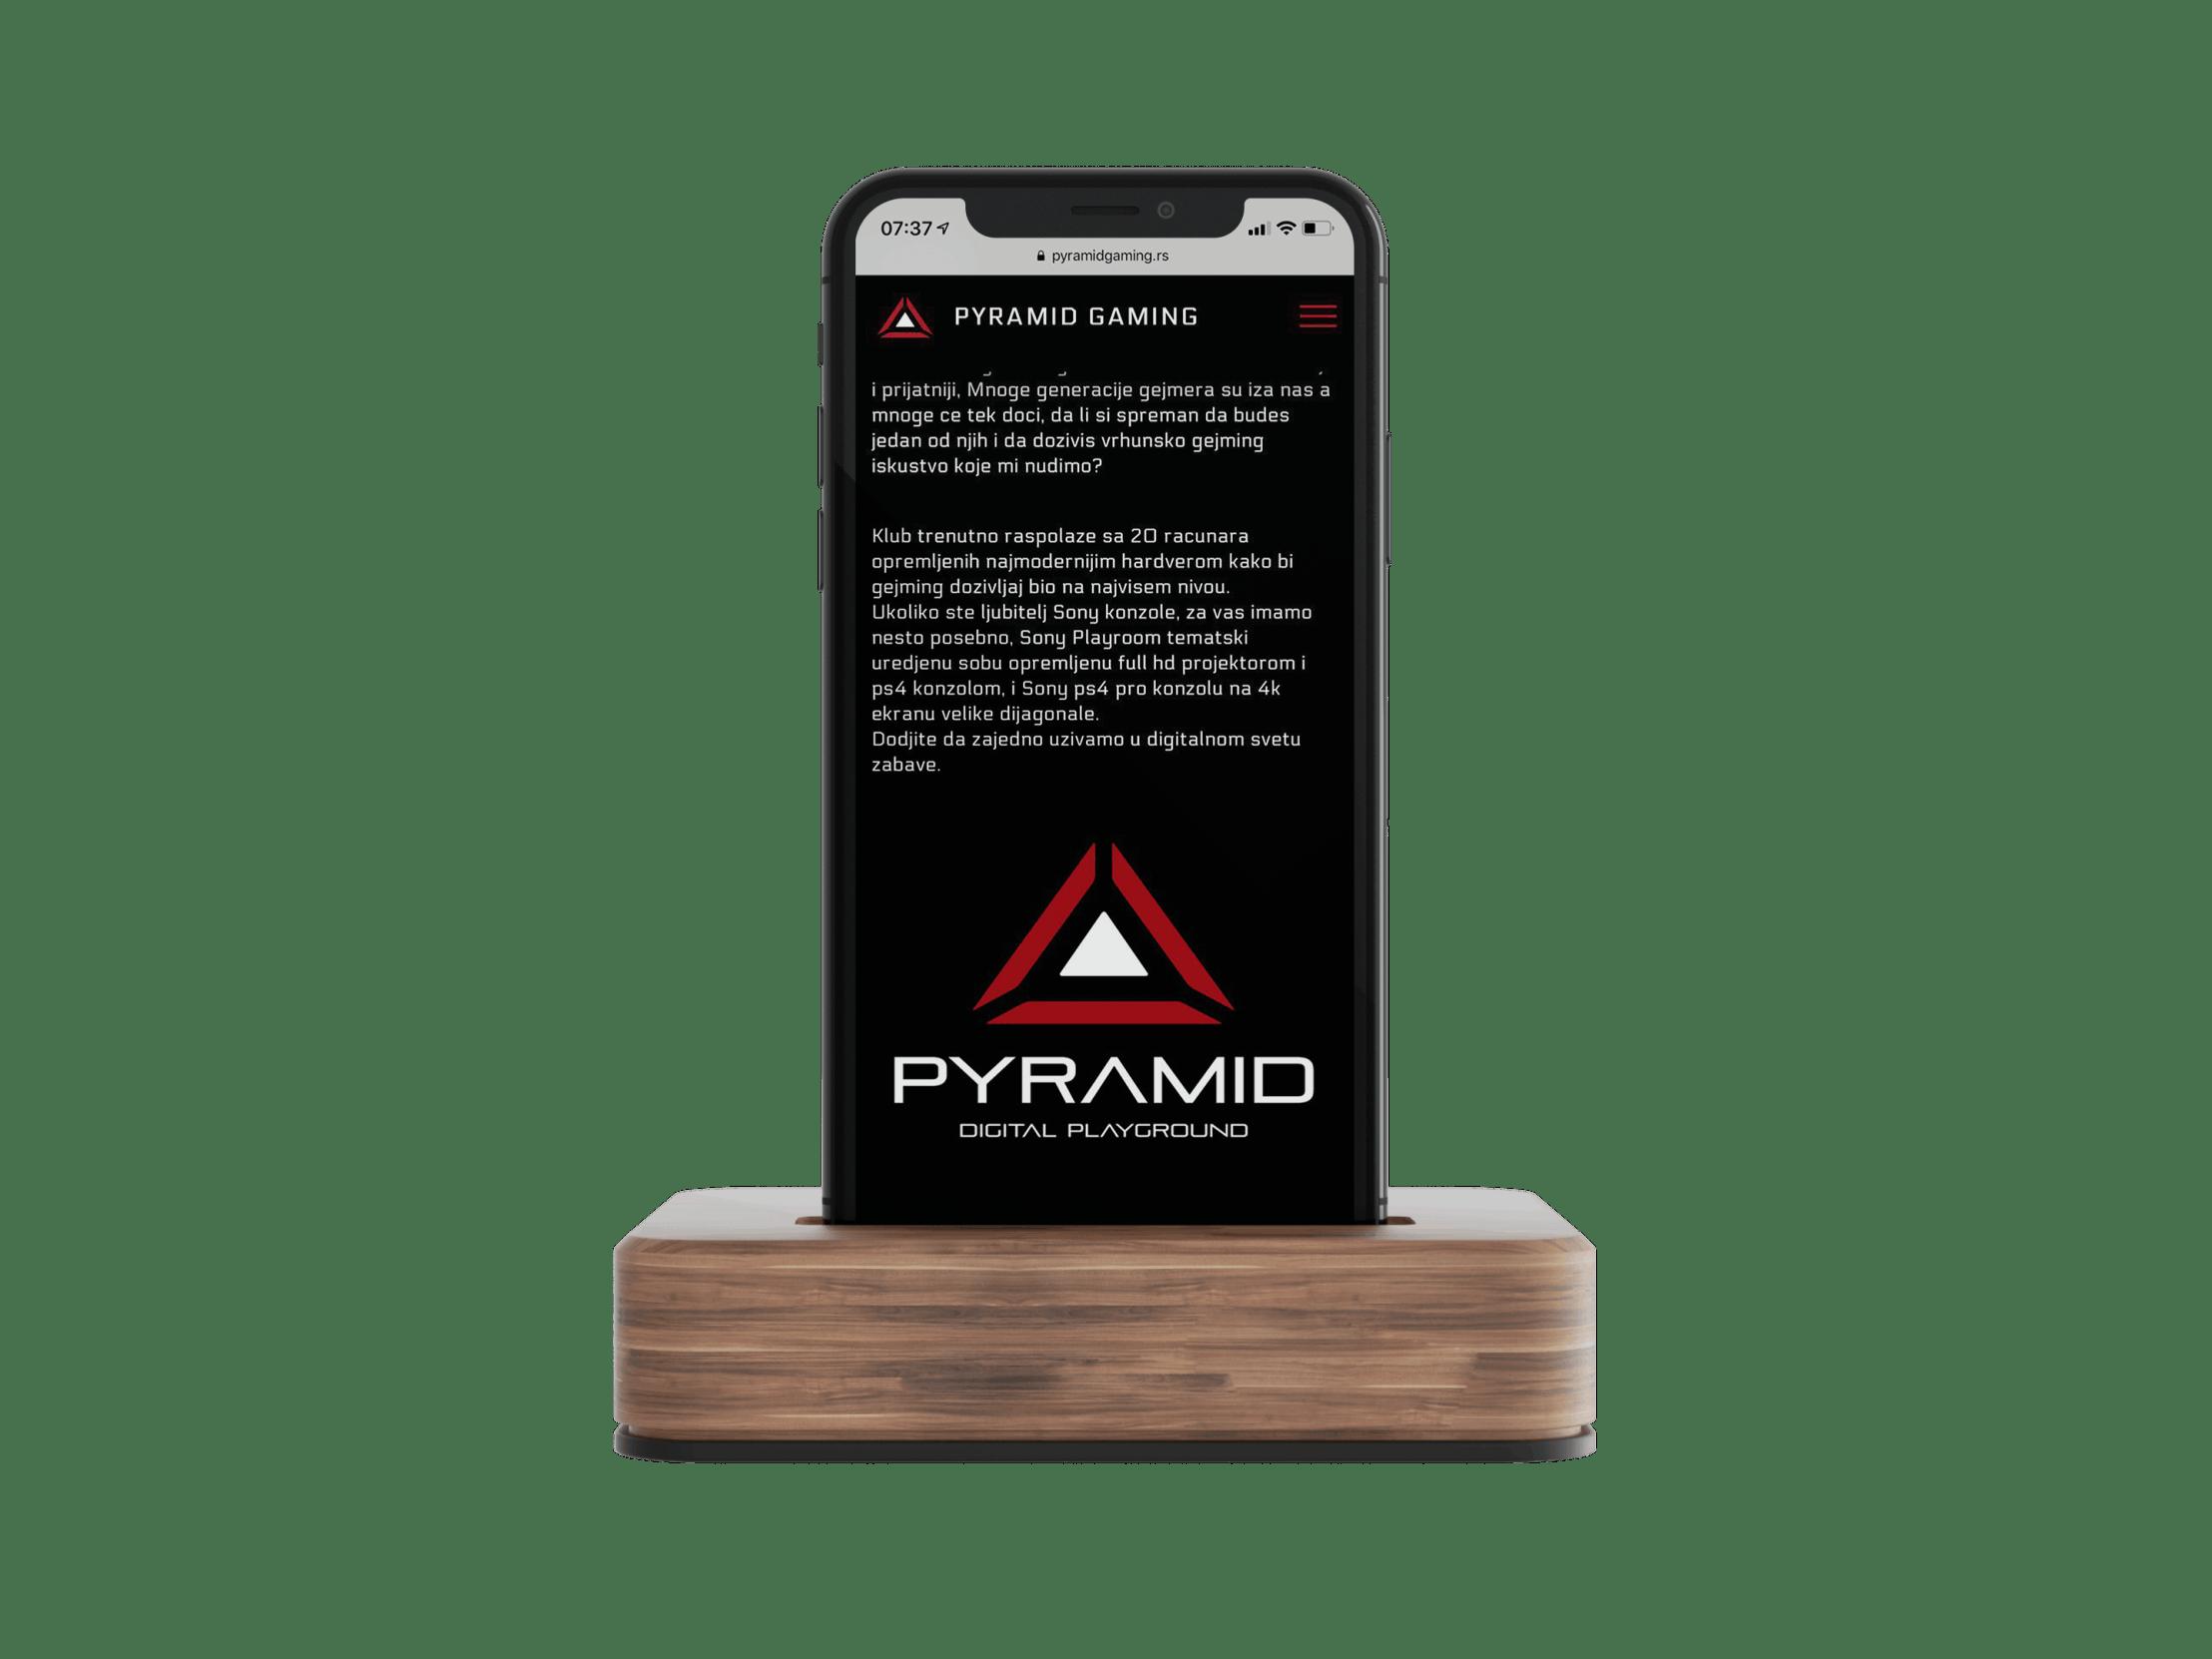 Pyramid Gaming